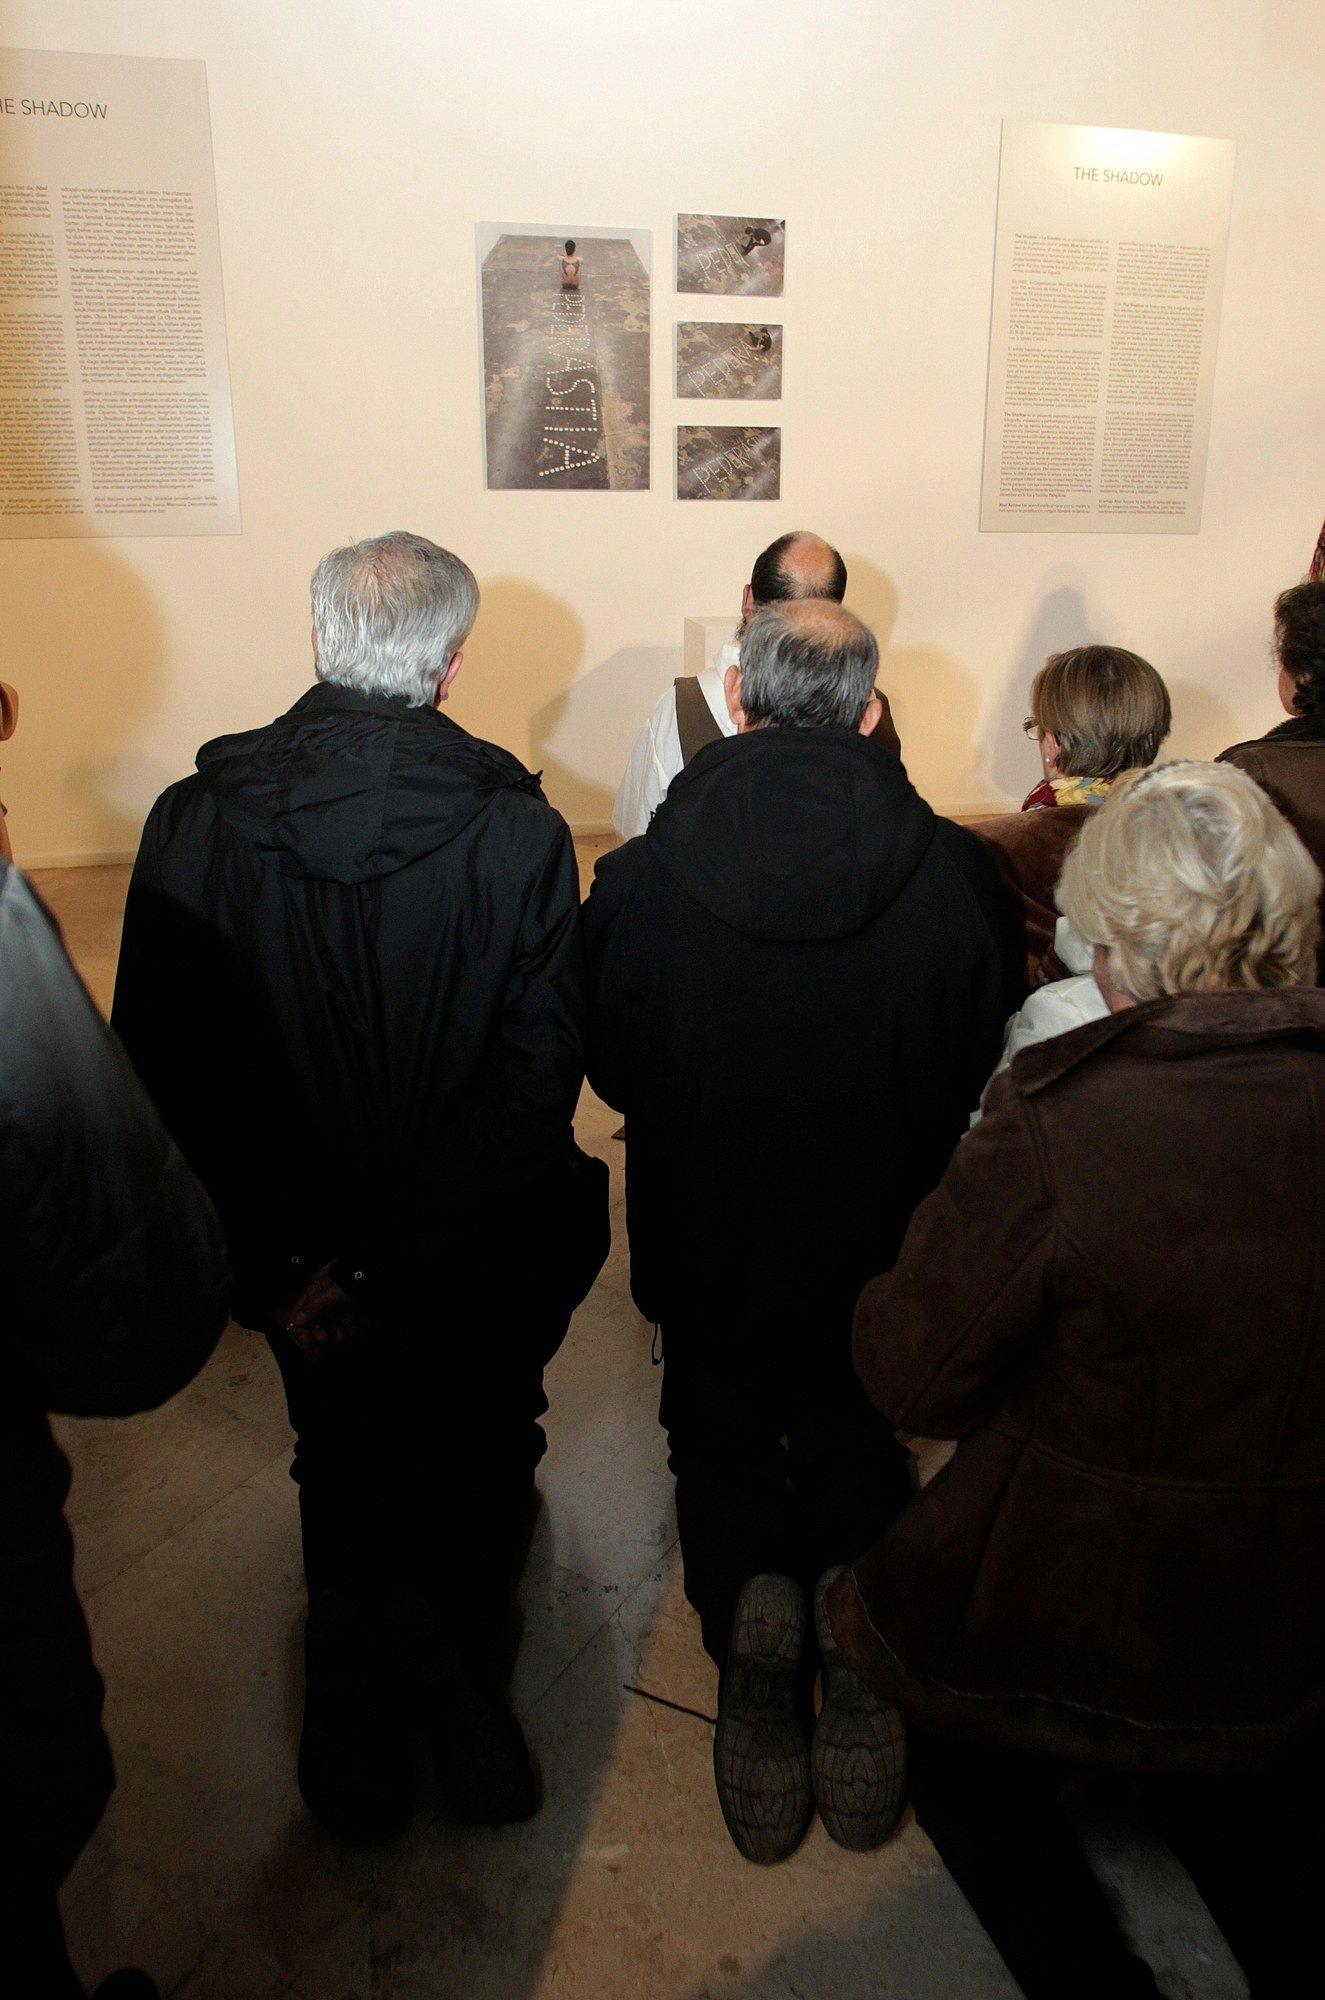 Manifestantes en el interior de la exposición del artista  Abel Azcona formando parte de  Amén . © Javier Bergasa